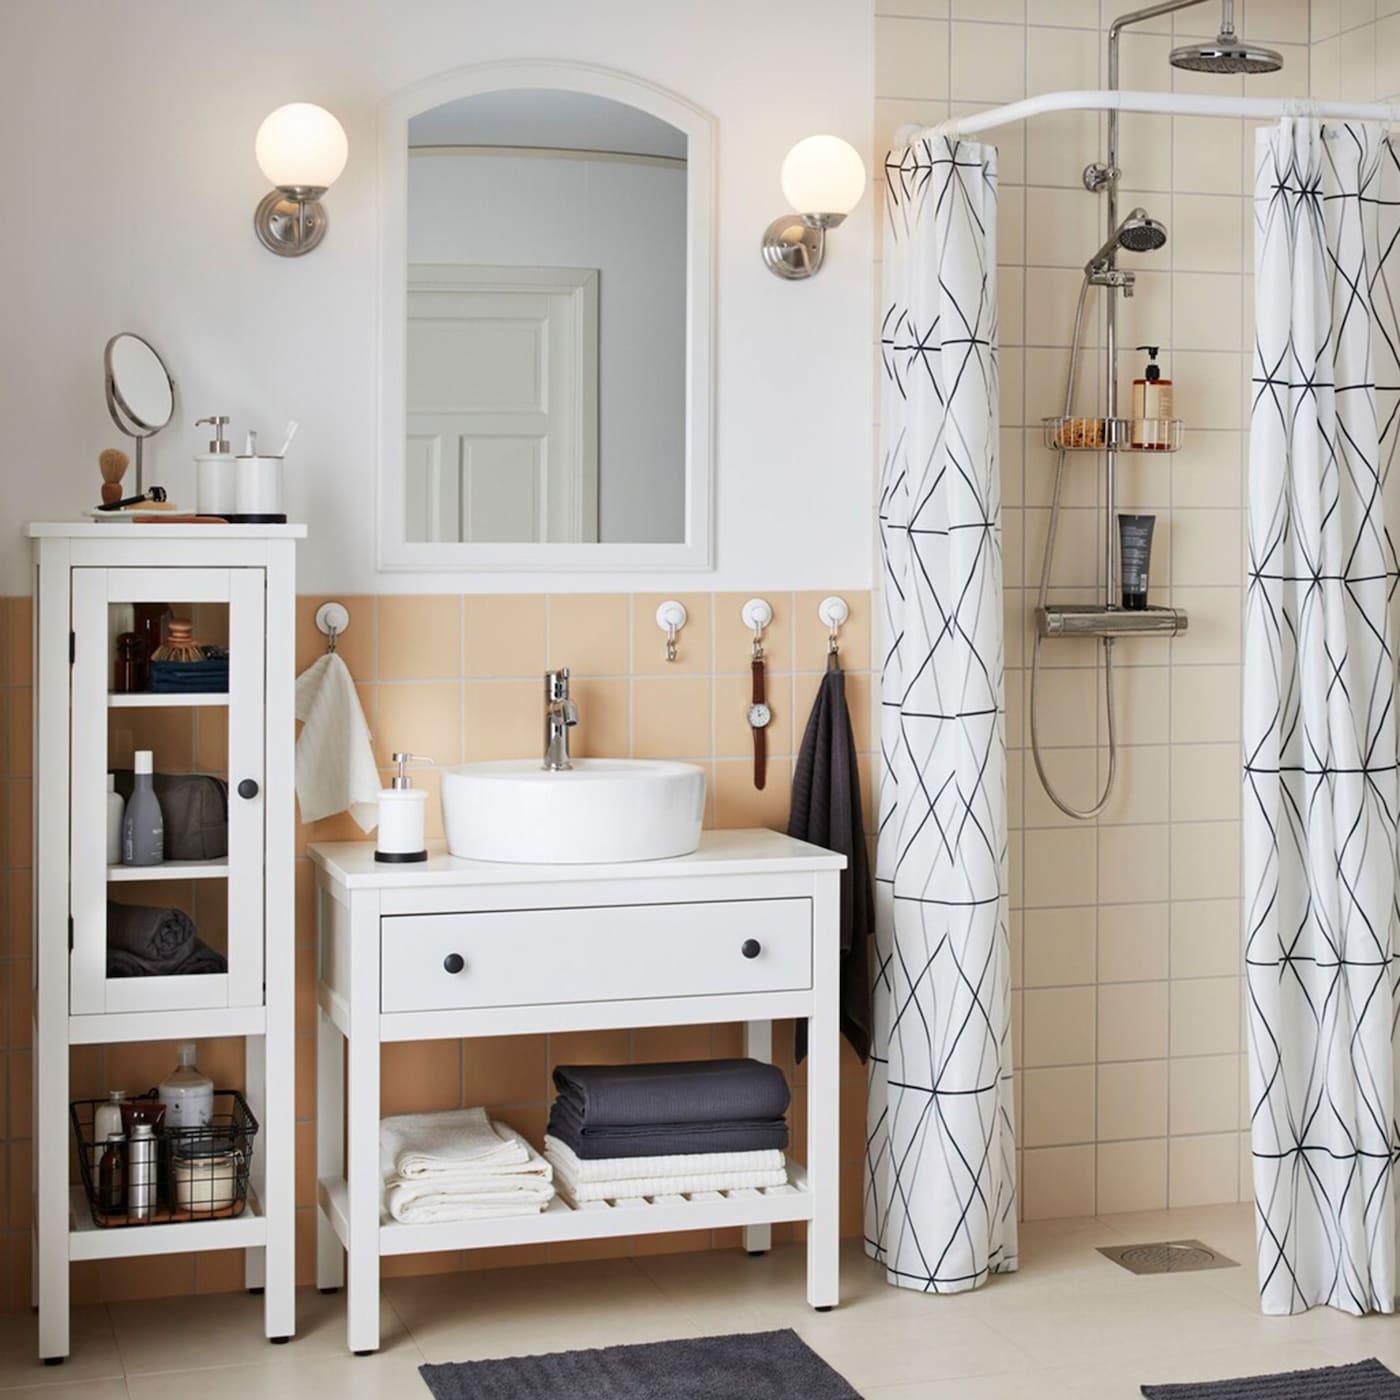 Une salle de bains z ro d sordre ikea - Luminaire pour salle de bain ikea ...